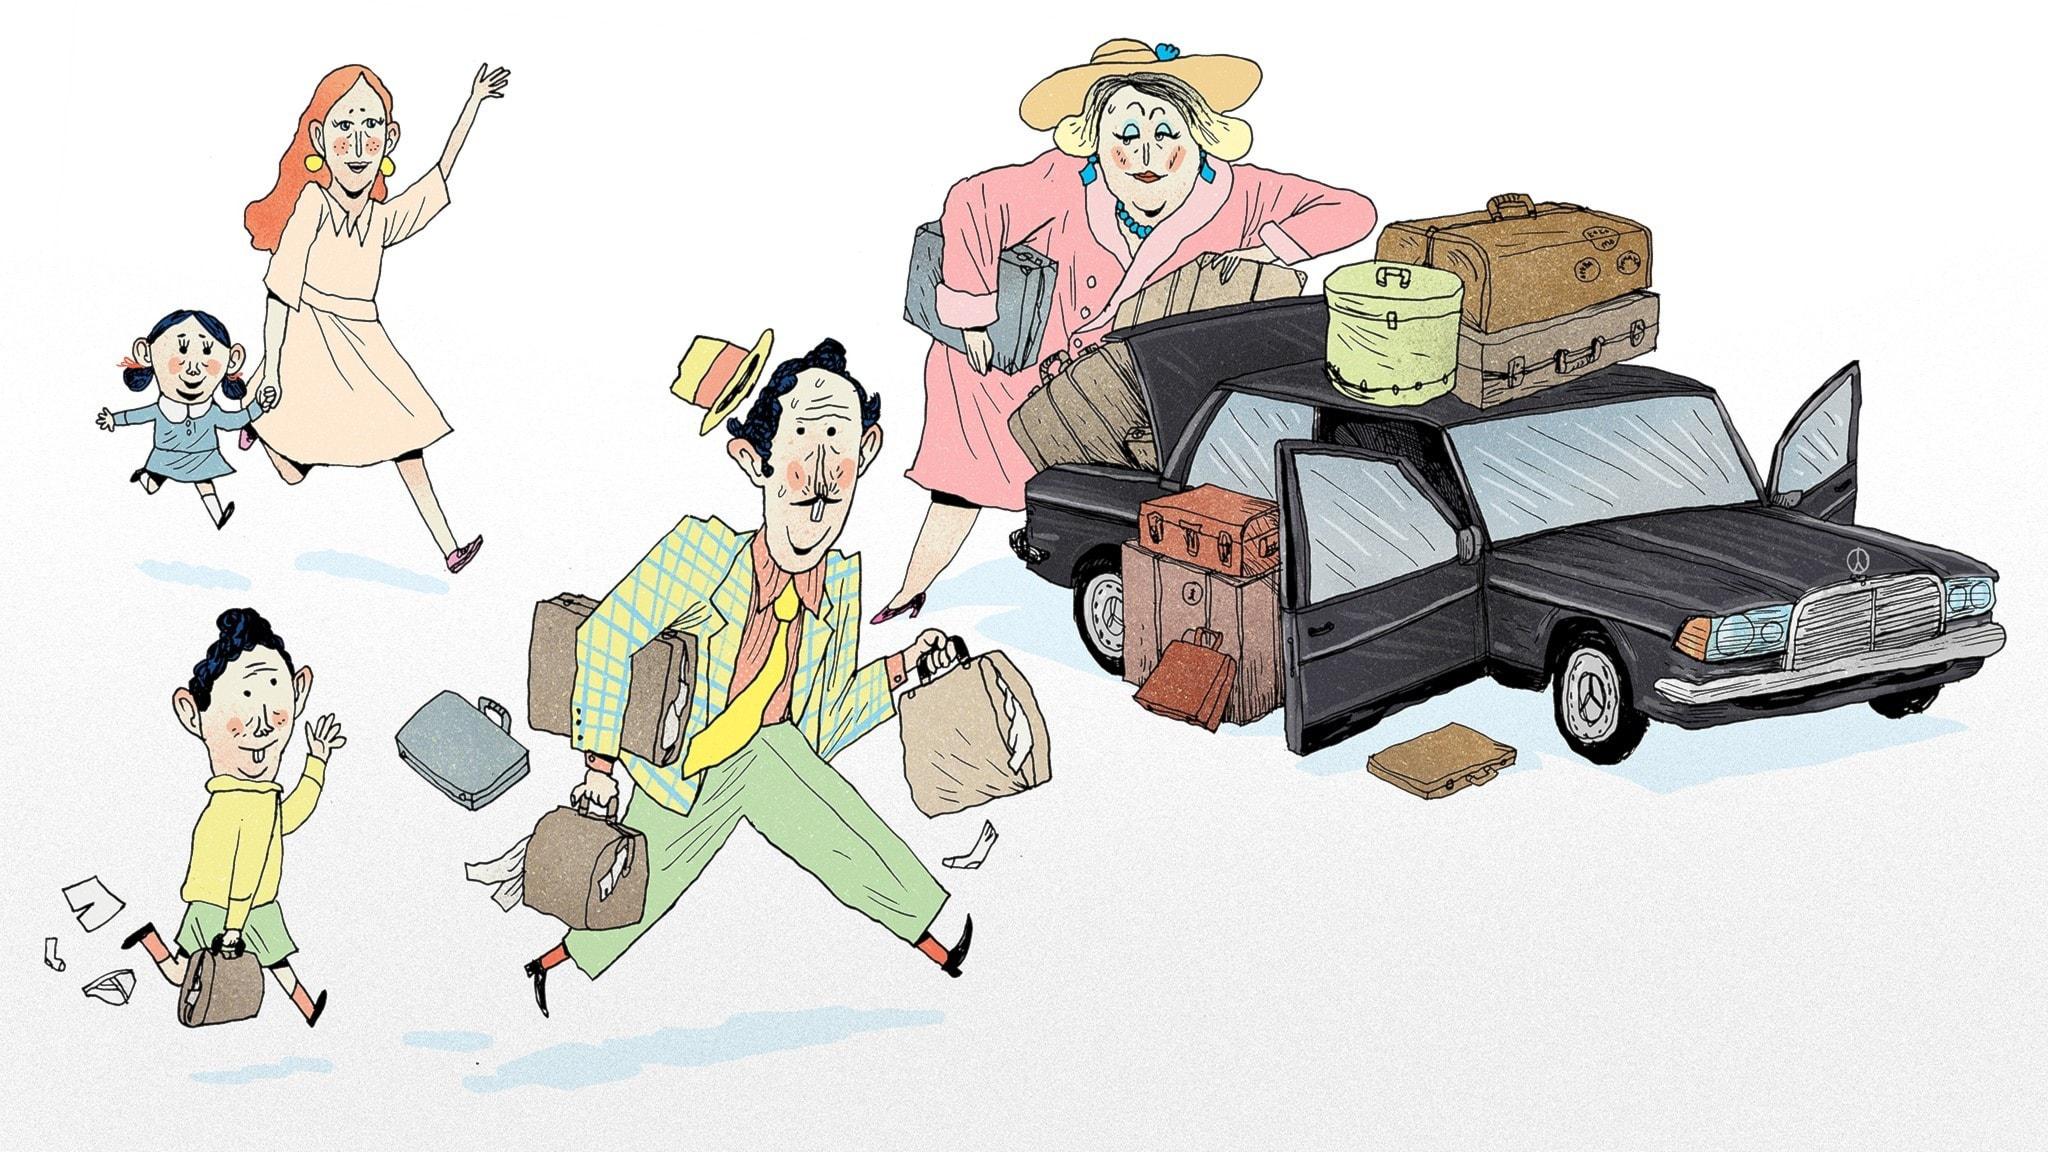 Familjen Vidrigsson packar sin bil i all hast, de ska resa bort. Matilda och fröken Honung kommer springande mot dem och vinkar. Bild: Erik Svetoft